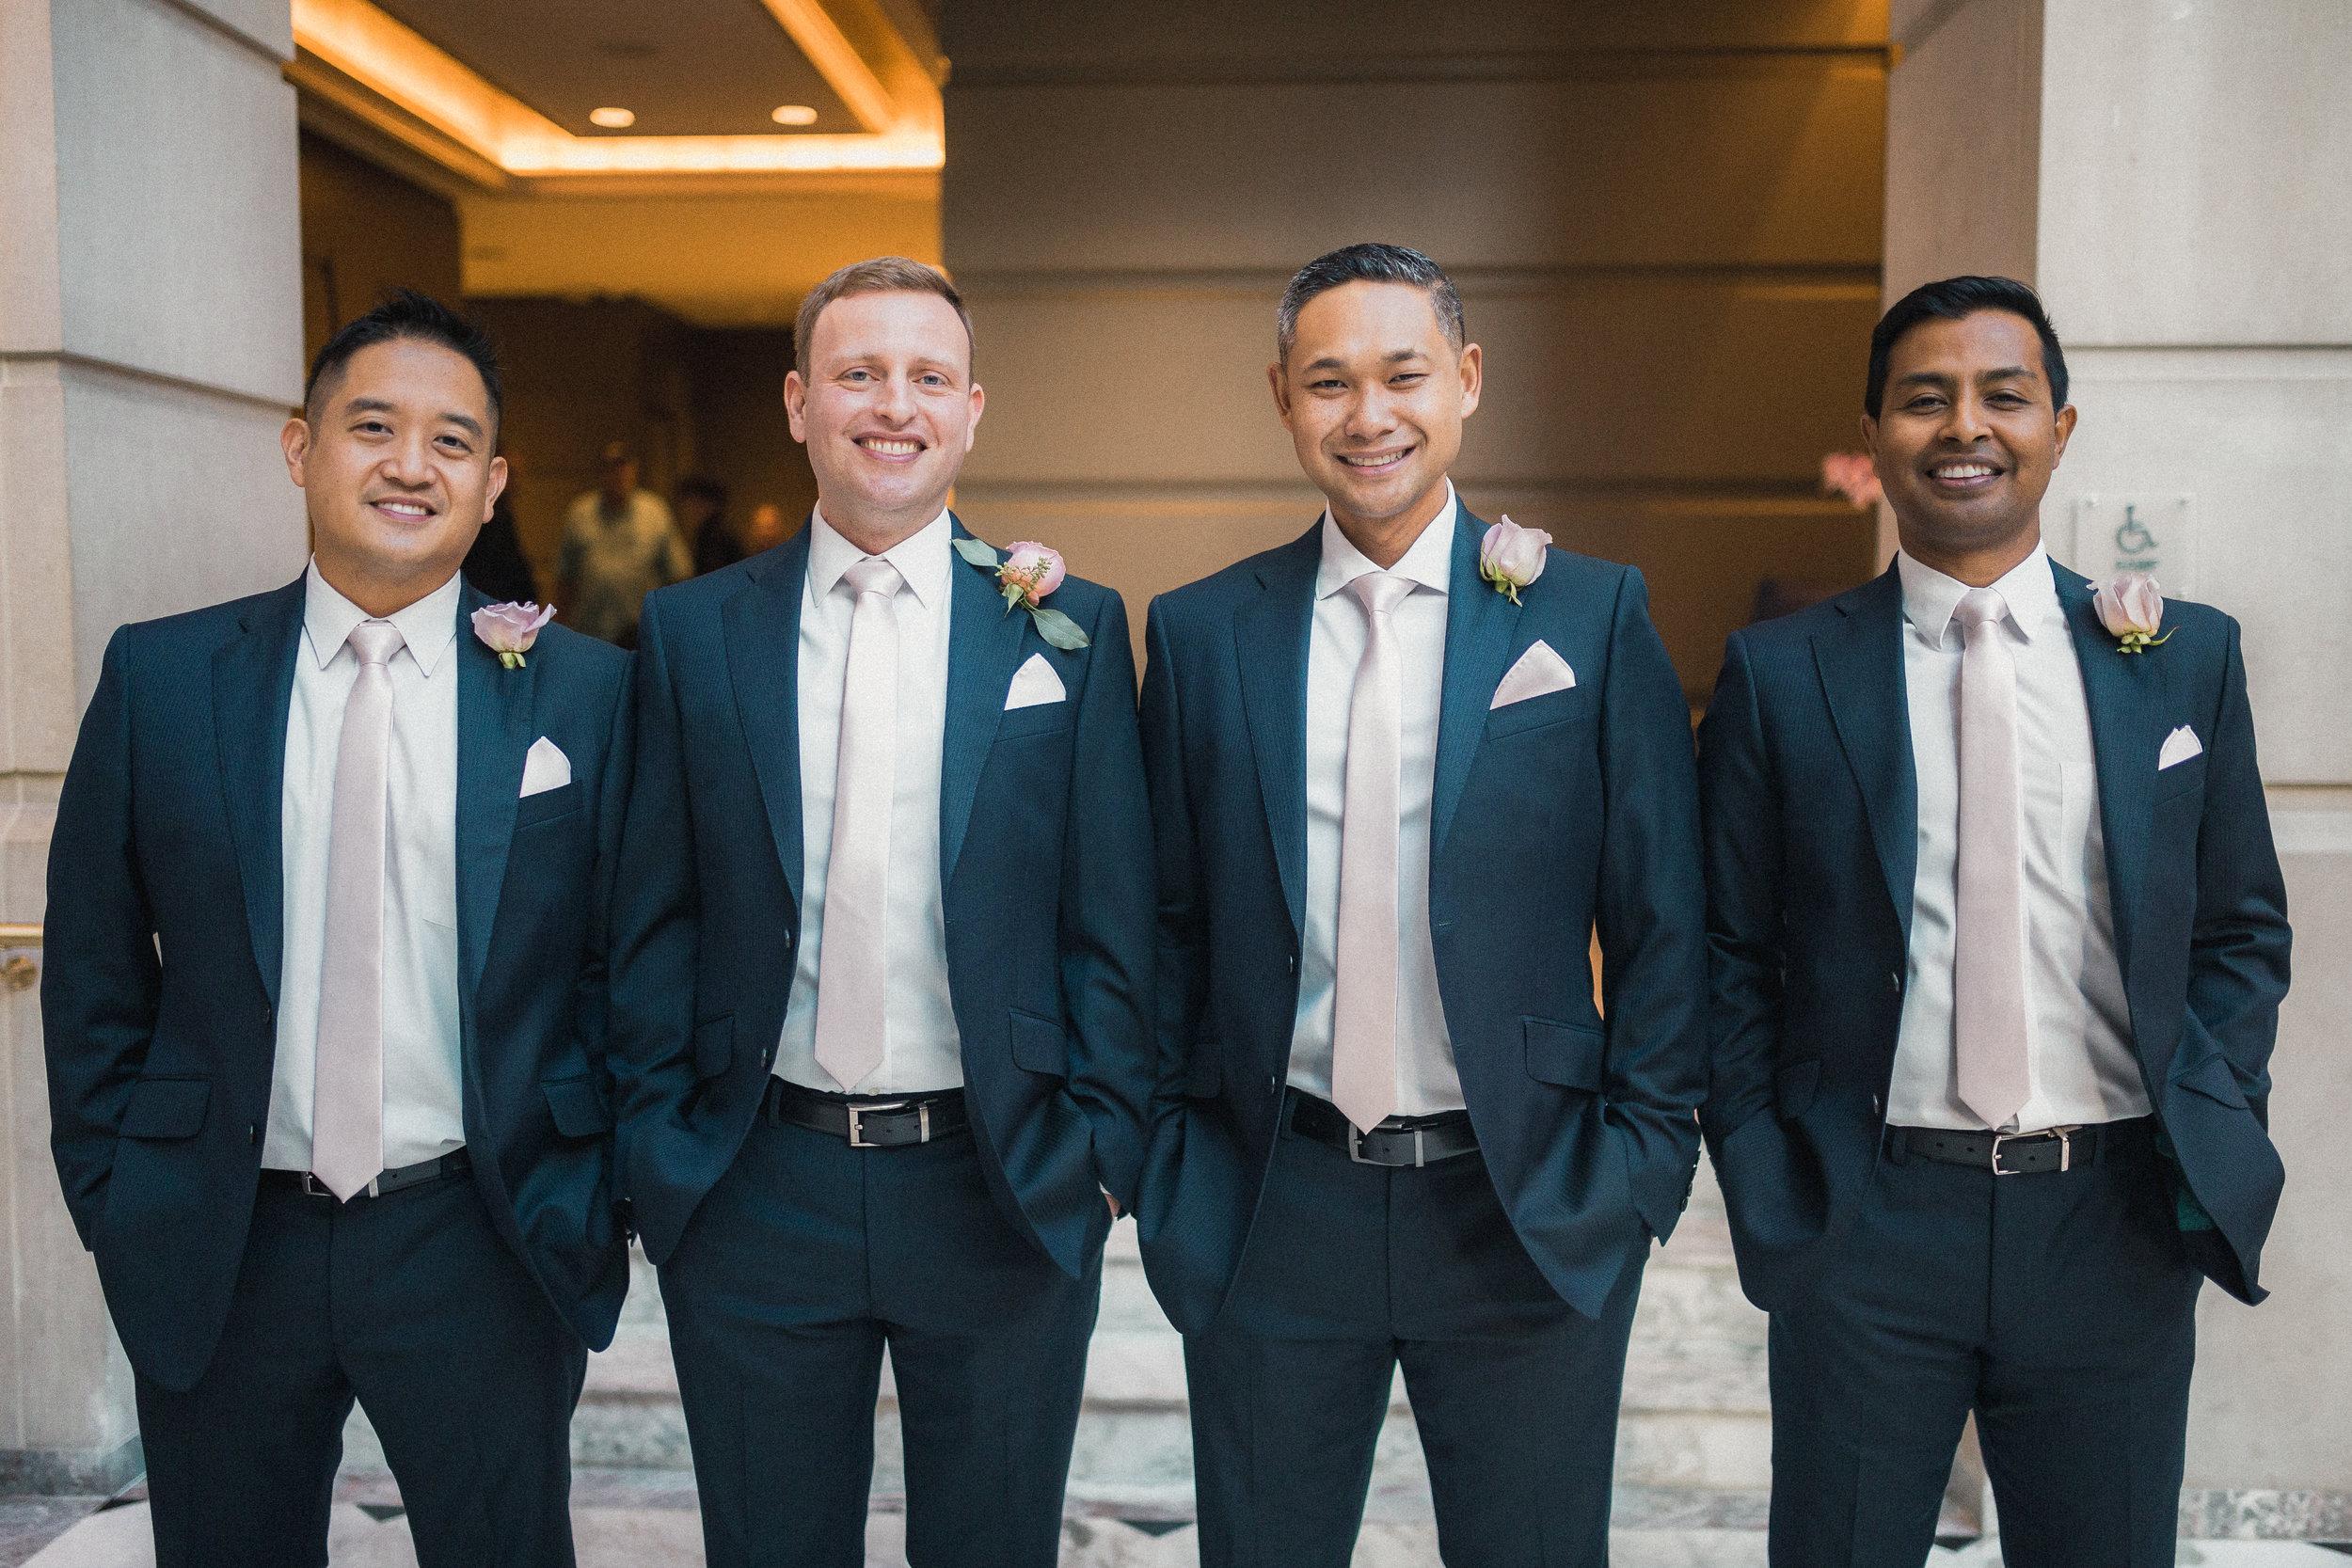 TG Weddings-25.jpg